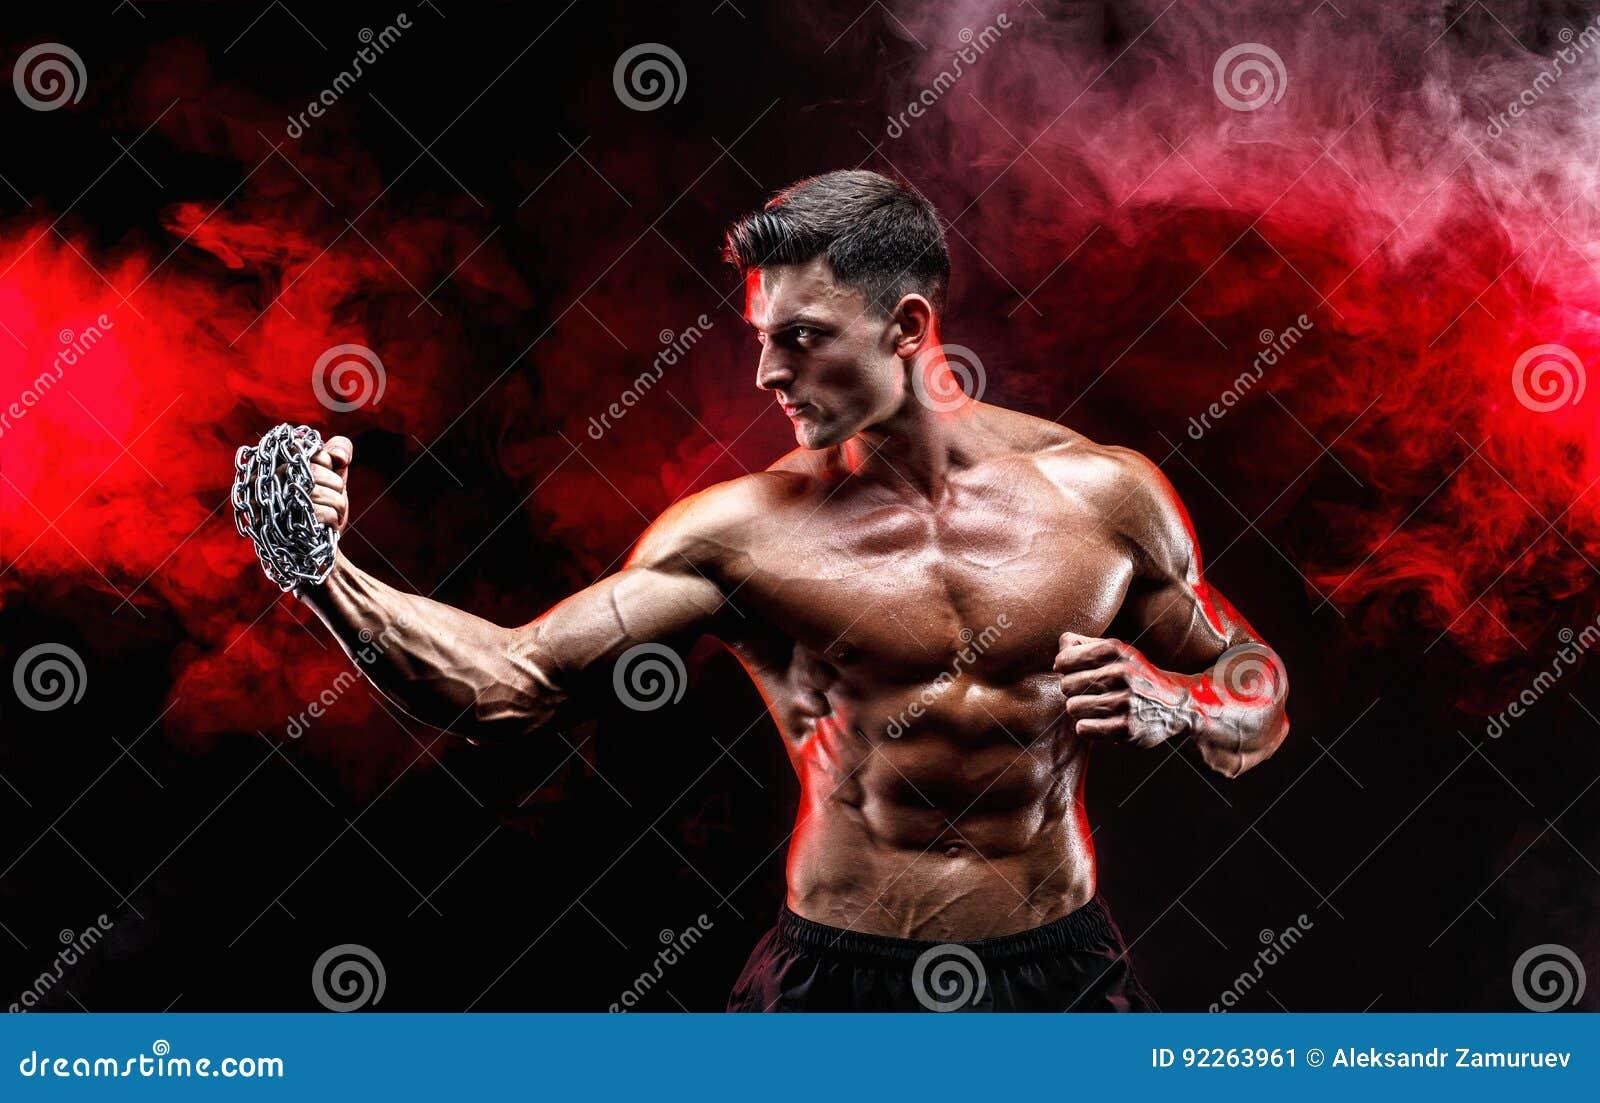 Combatiente muscular serio que hace el sacador con las cadenas trenzadas sobre su puño